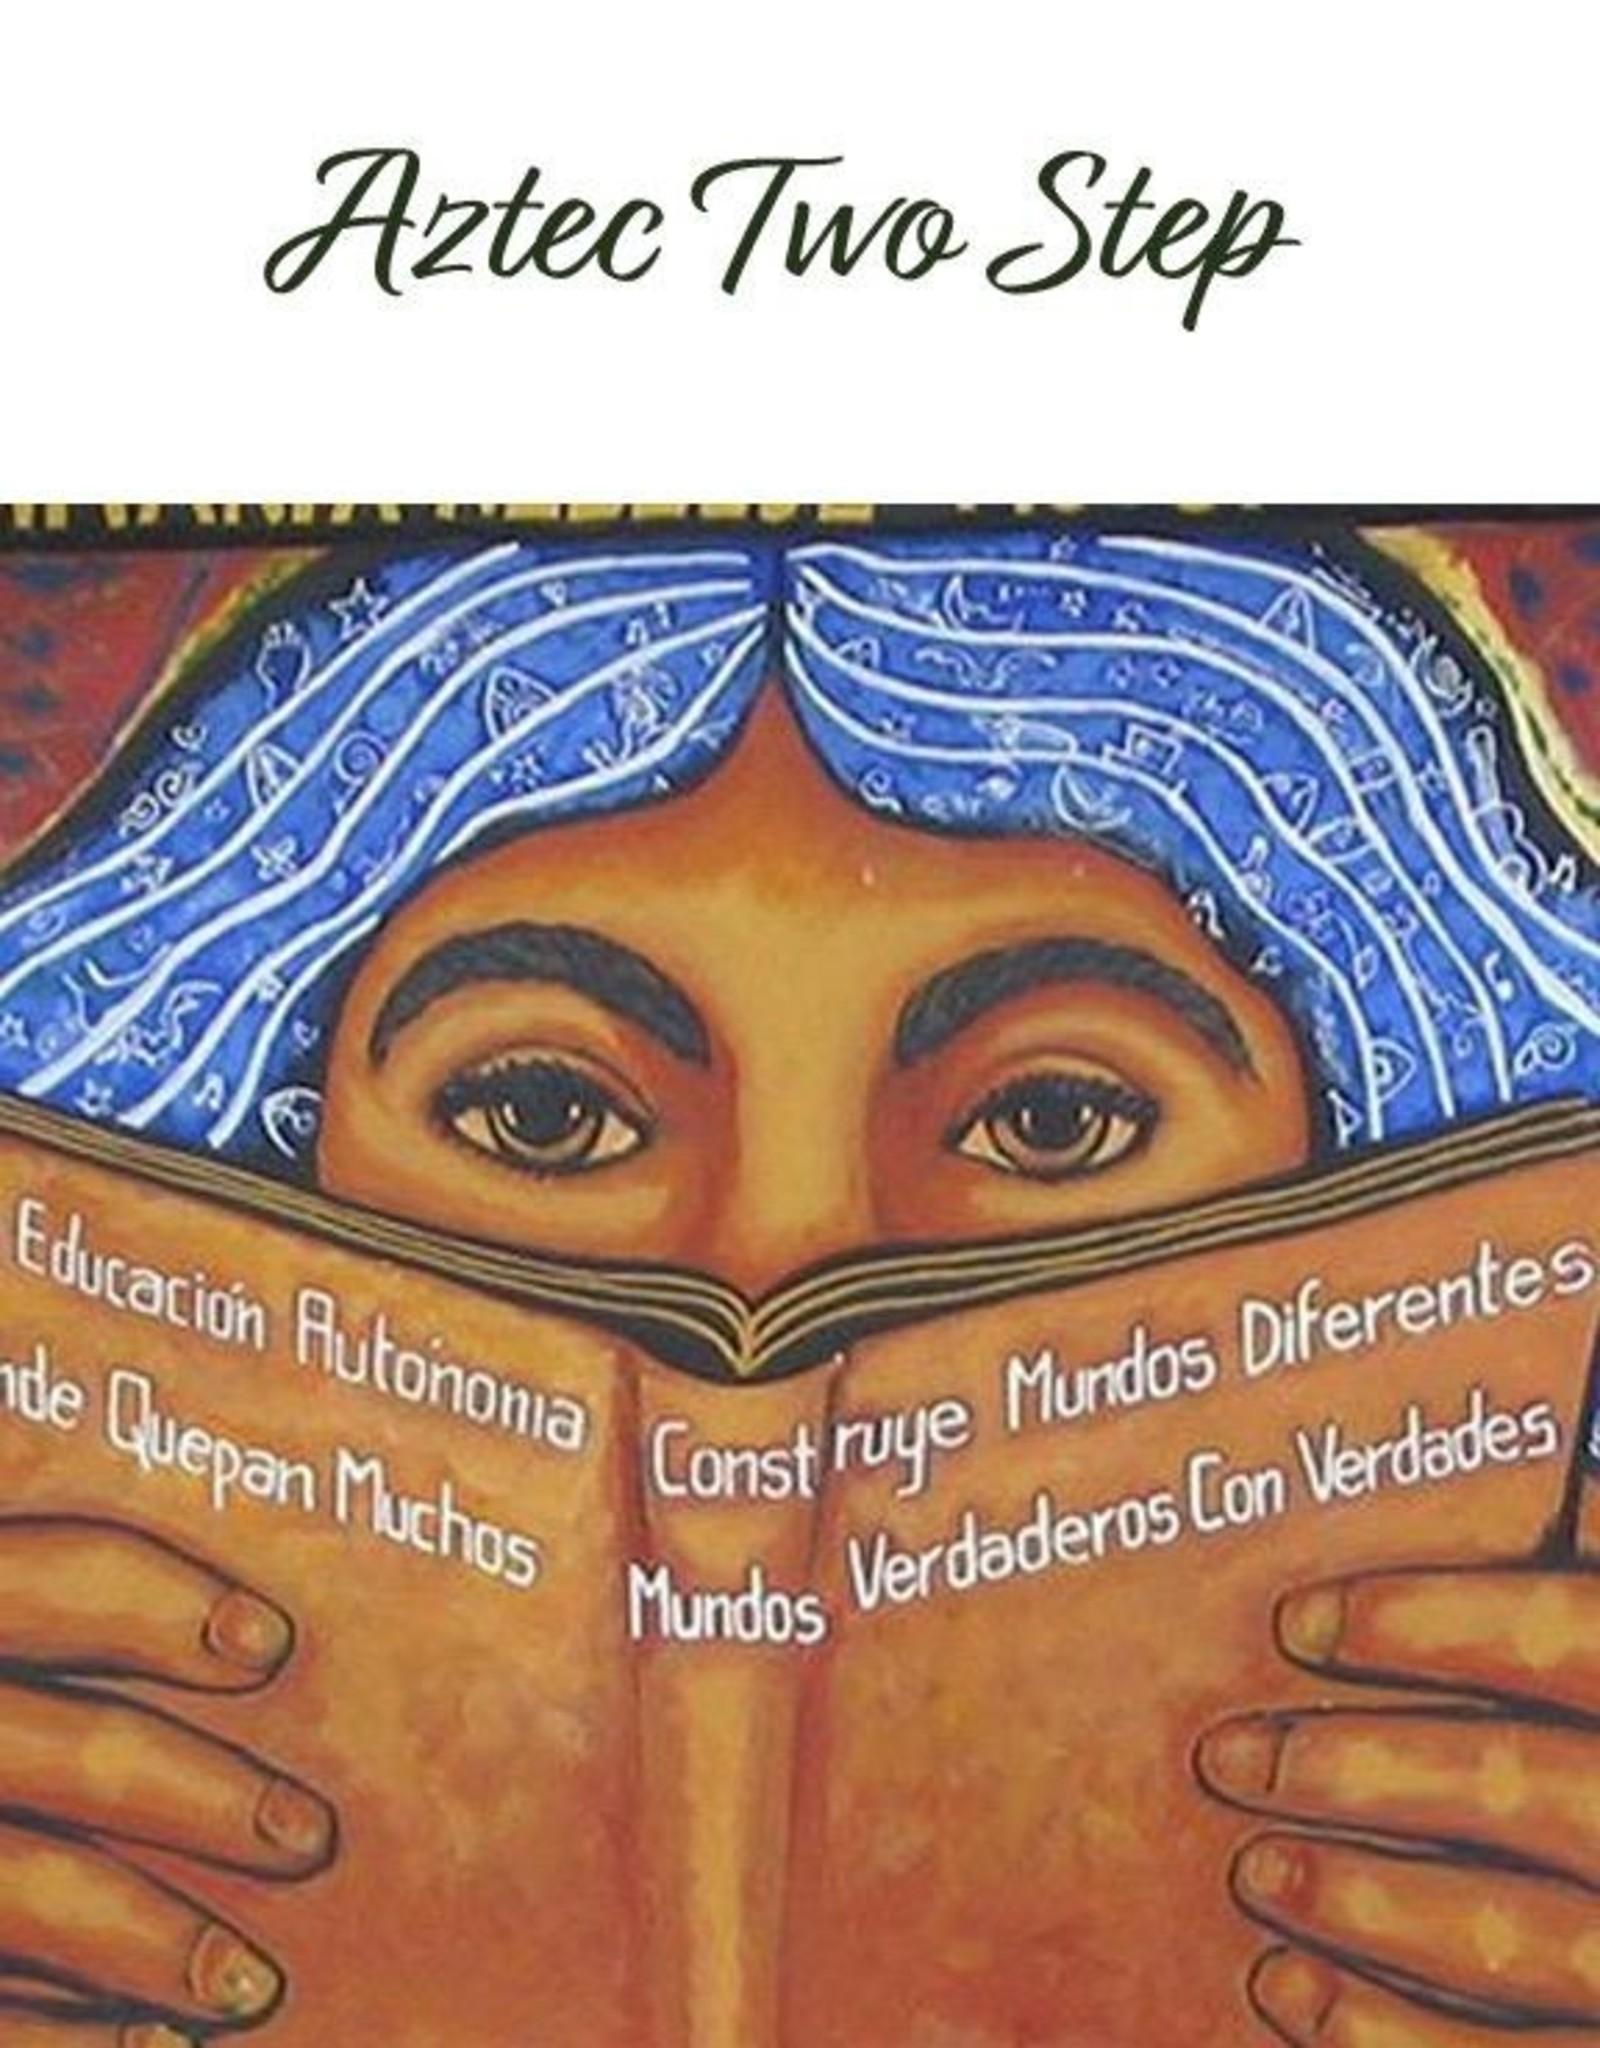 Dean's Beans Dean's Beans Aztec Two Step Coffee